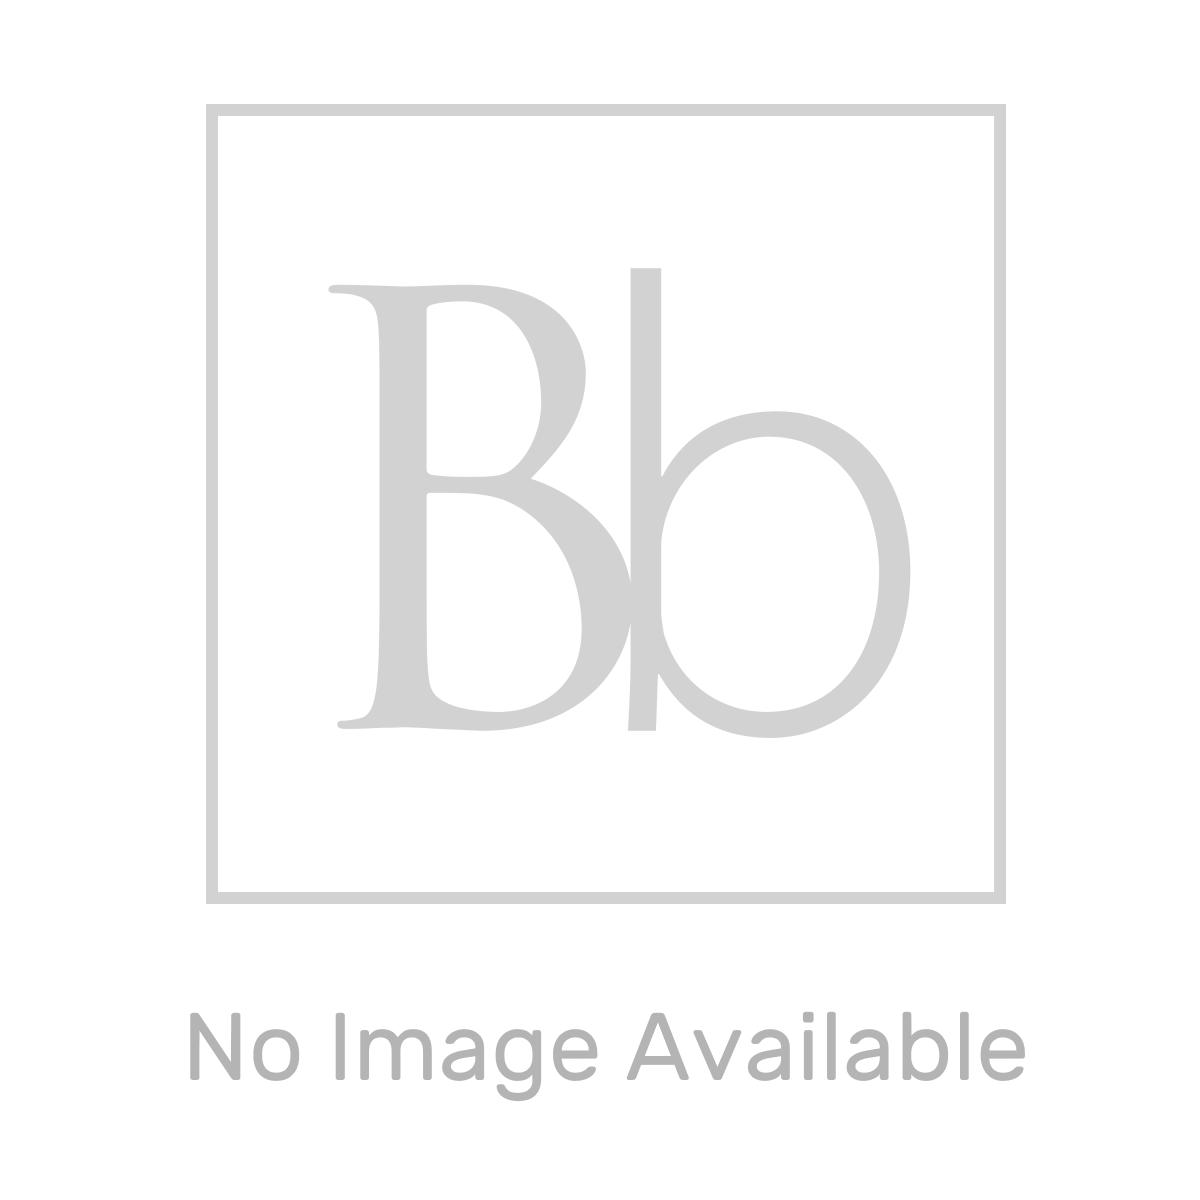 Merlyn Truestone Fossil Grey Rectangular Shower Tray 1500 x 800mm